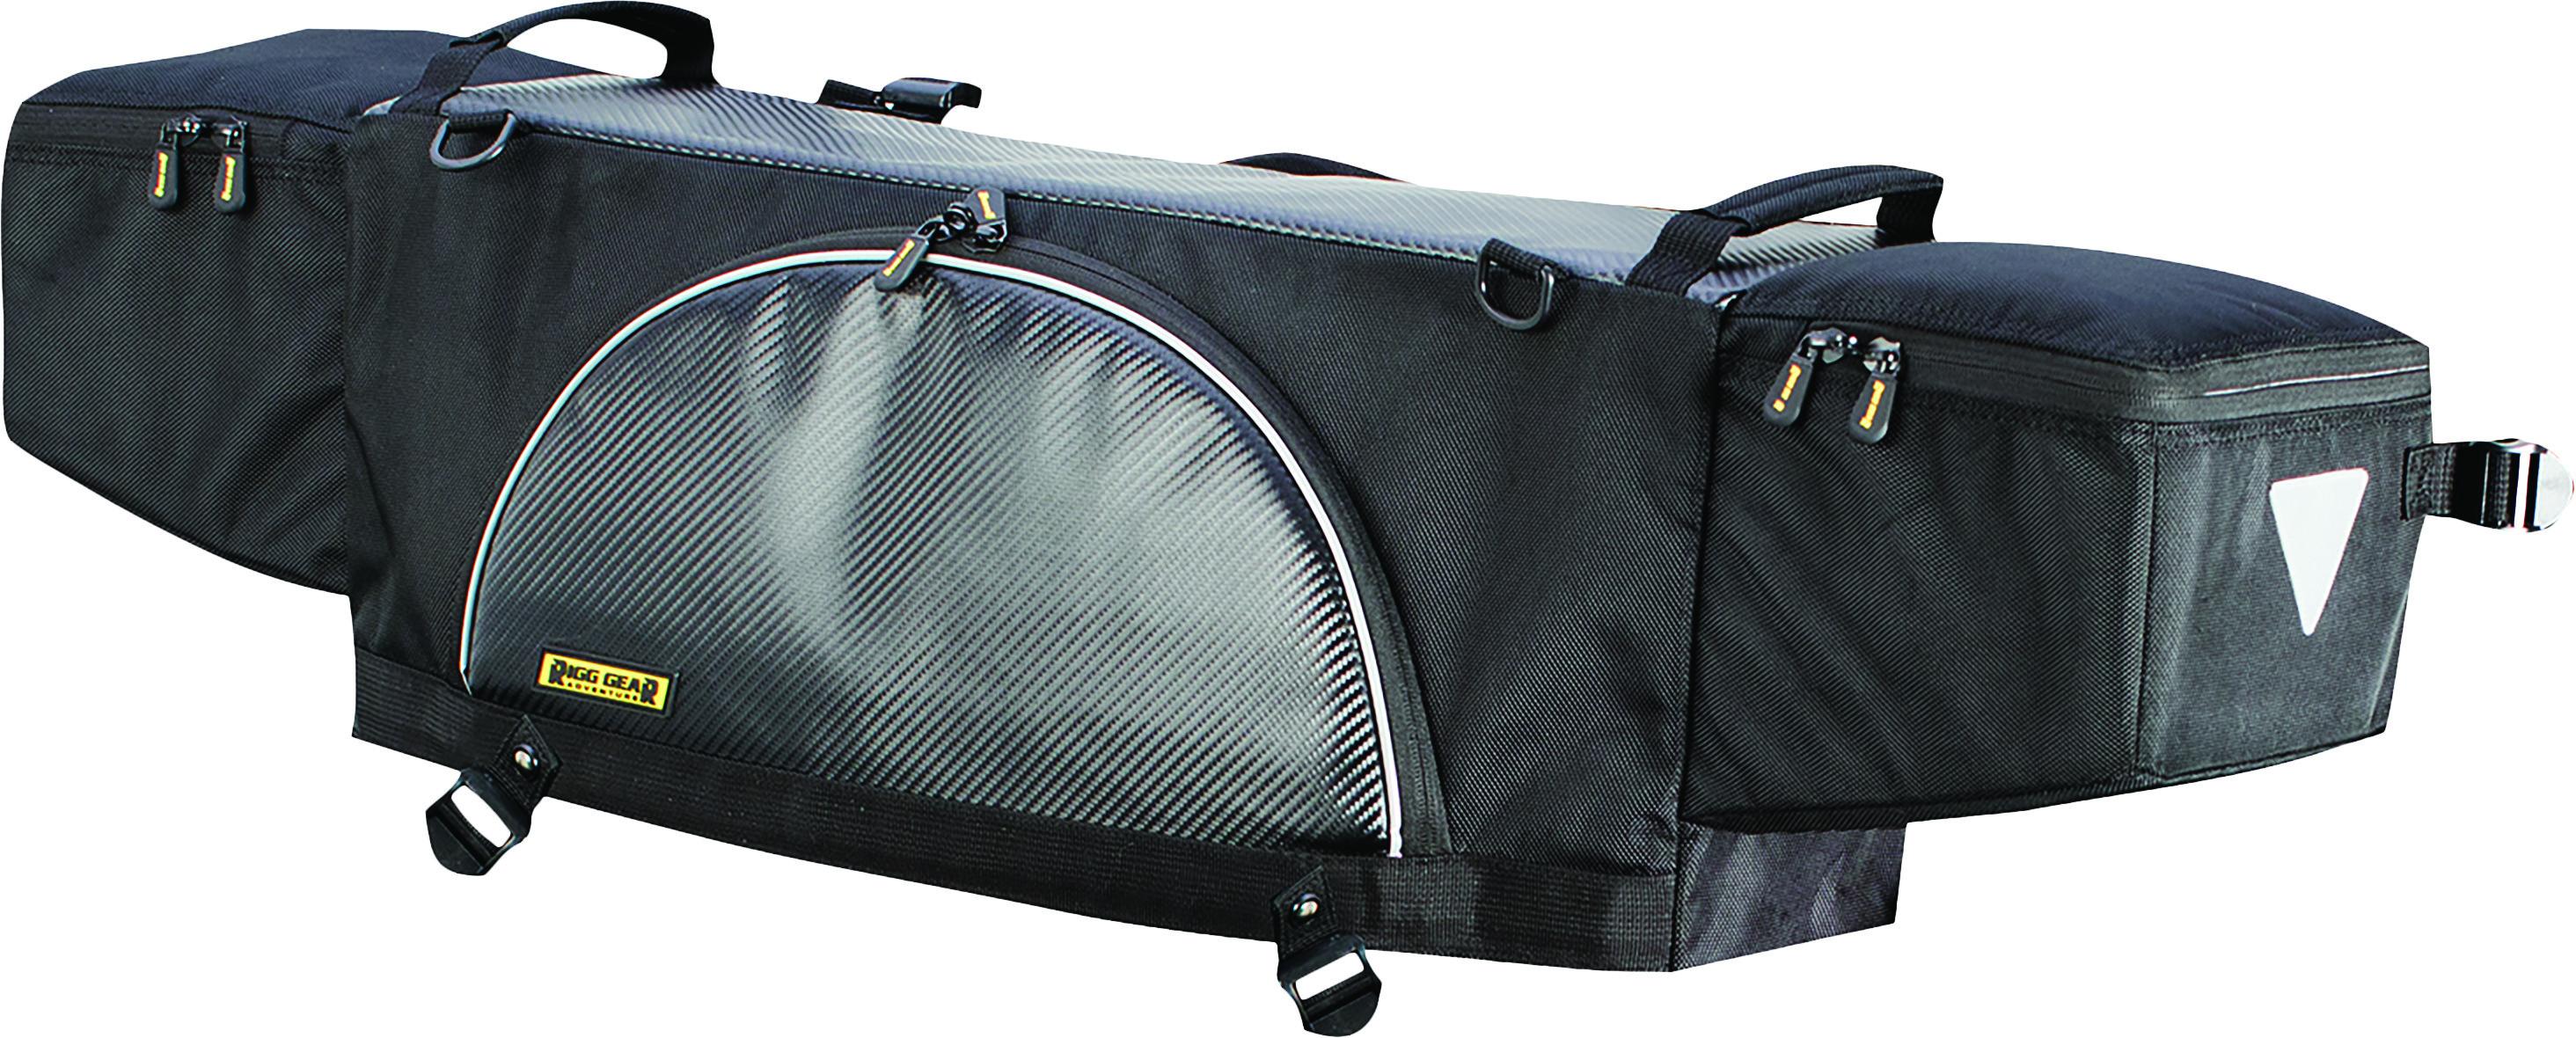 Sport Cargo Bag